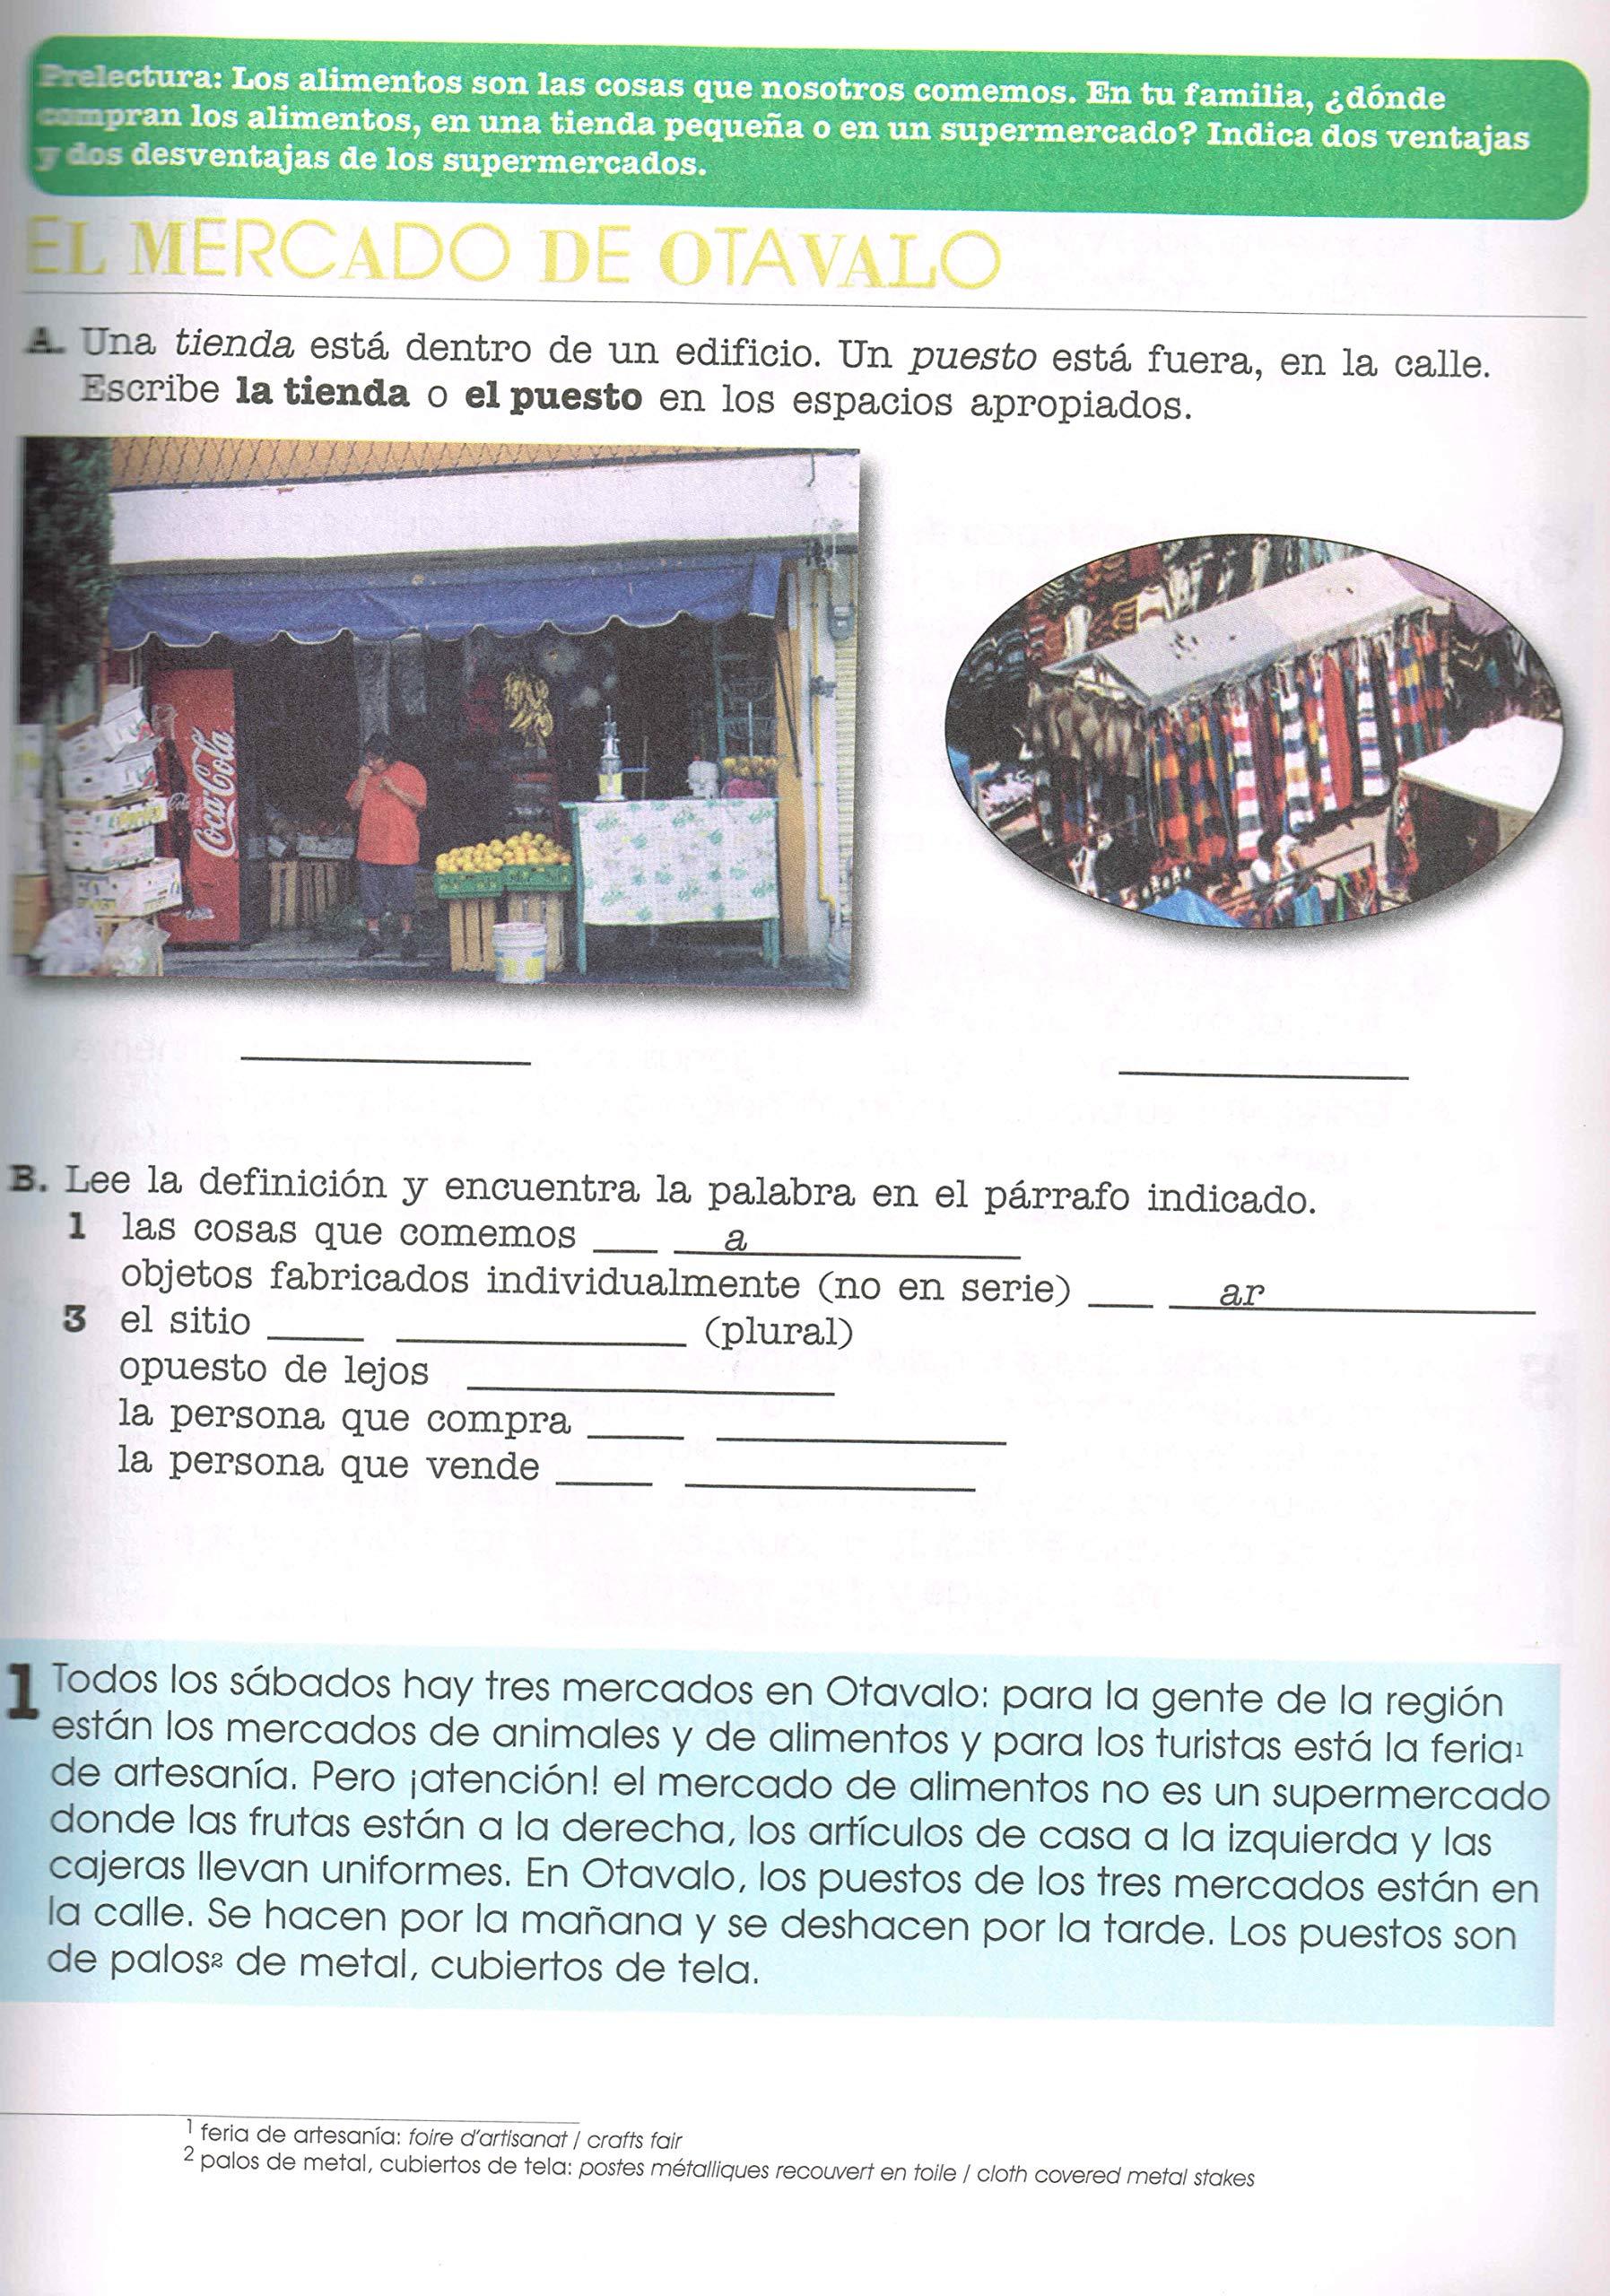 Segundo paso a la cultura - Student edition: Eva Neisser Echenberg: 9782923851006: Amazon.com: Books